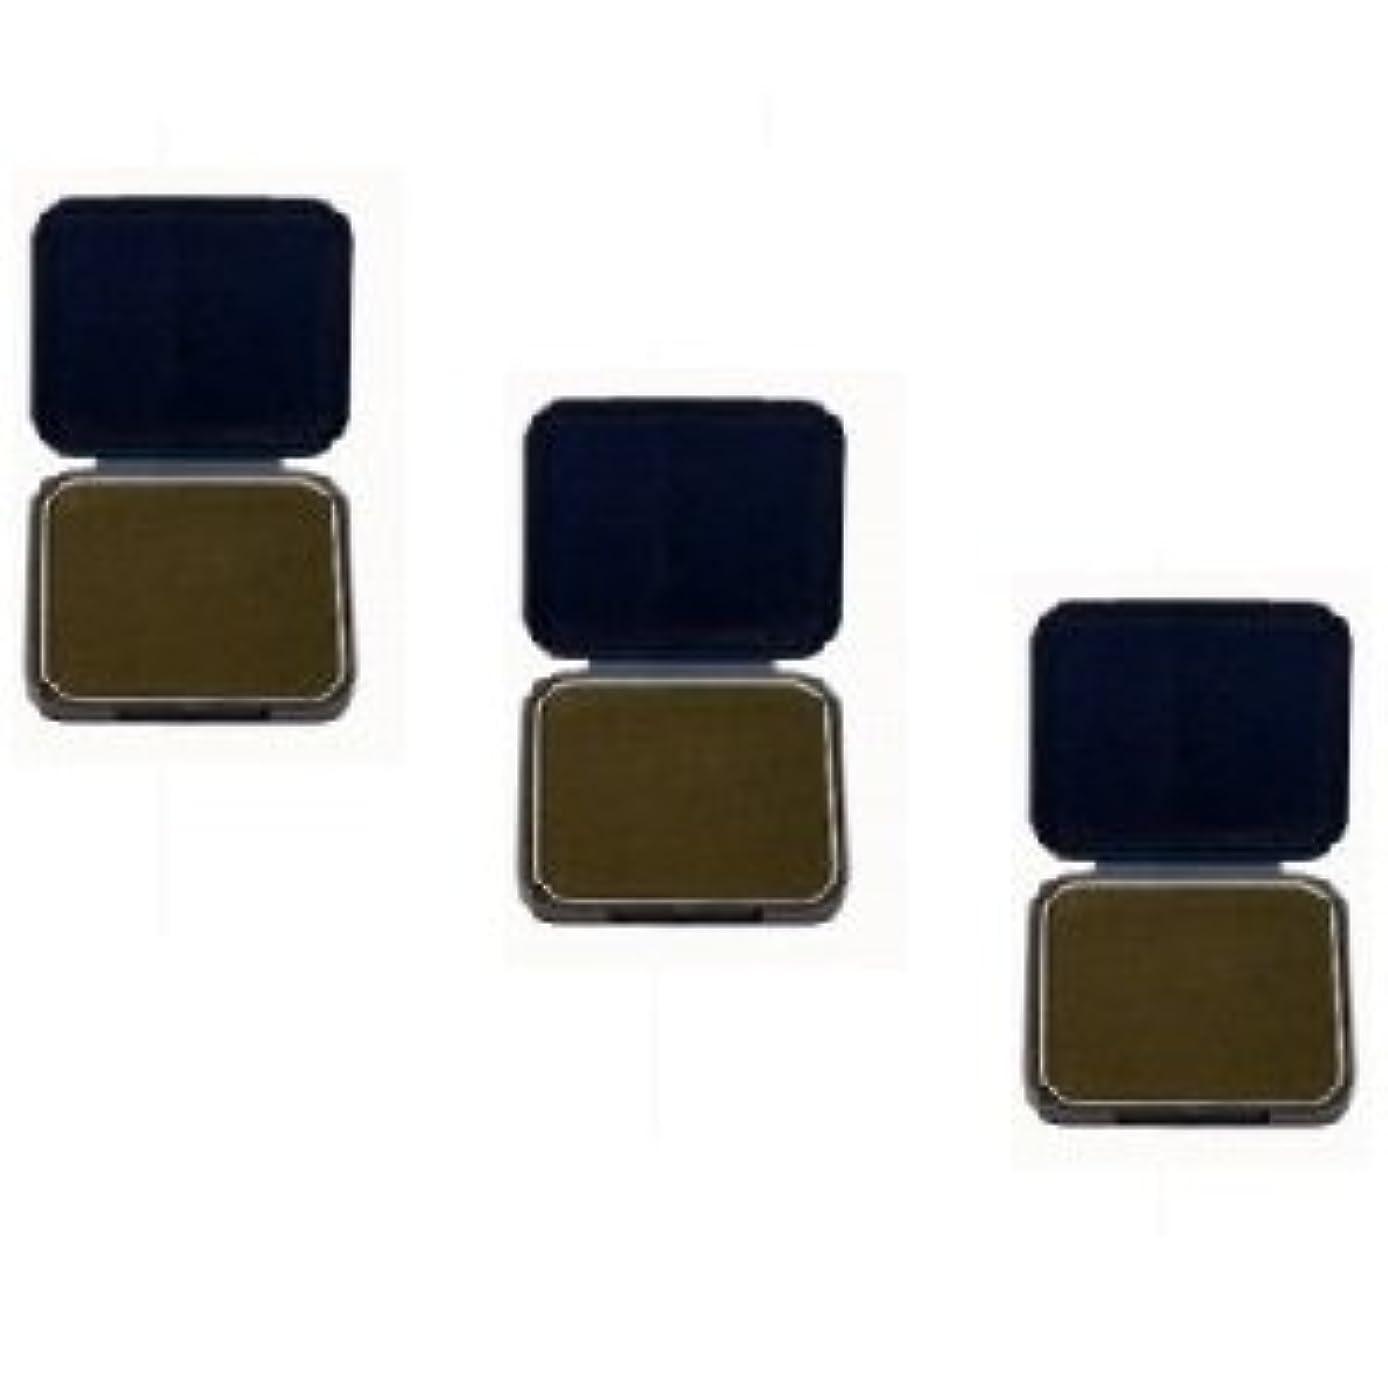 豊富に付ける無法者【3個セット】 アモロス 黒彩 ヘアファンデーション 13g 栗 詰替え用レフィル